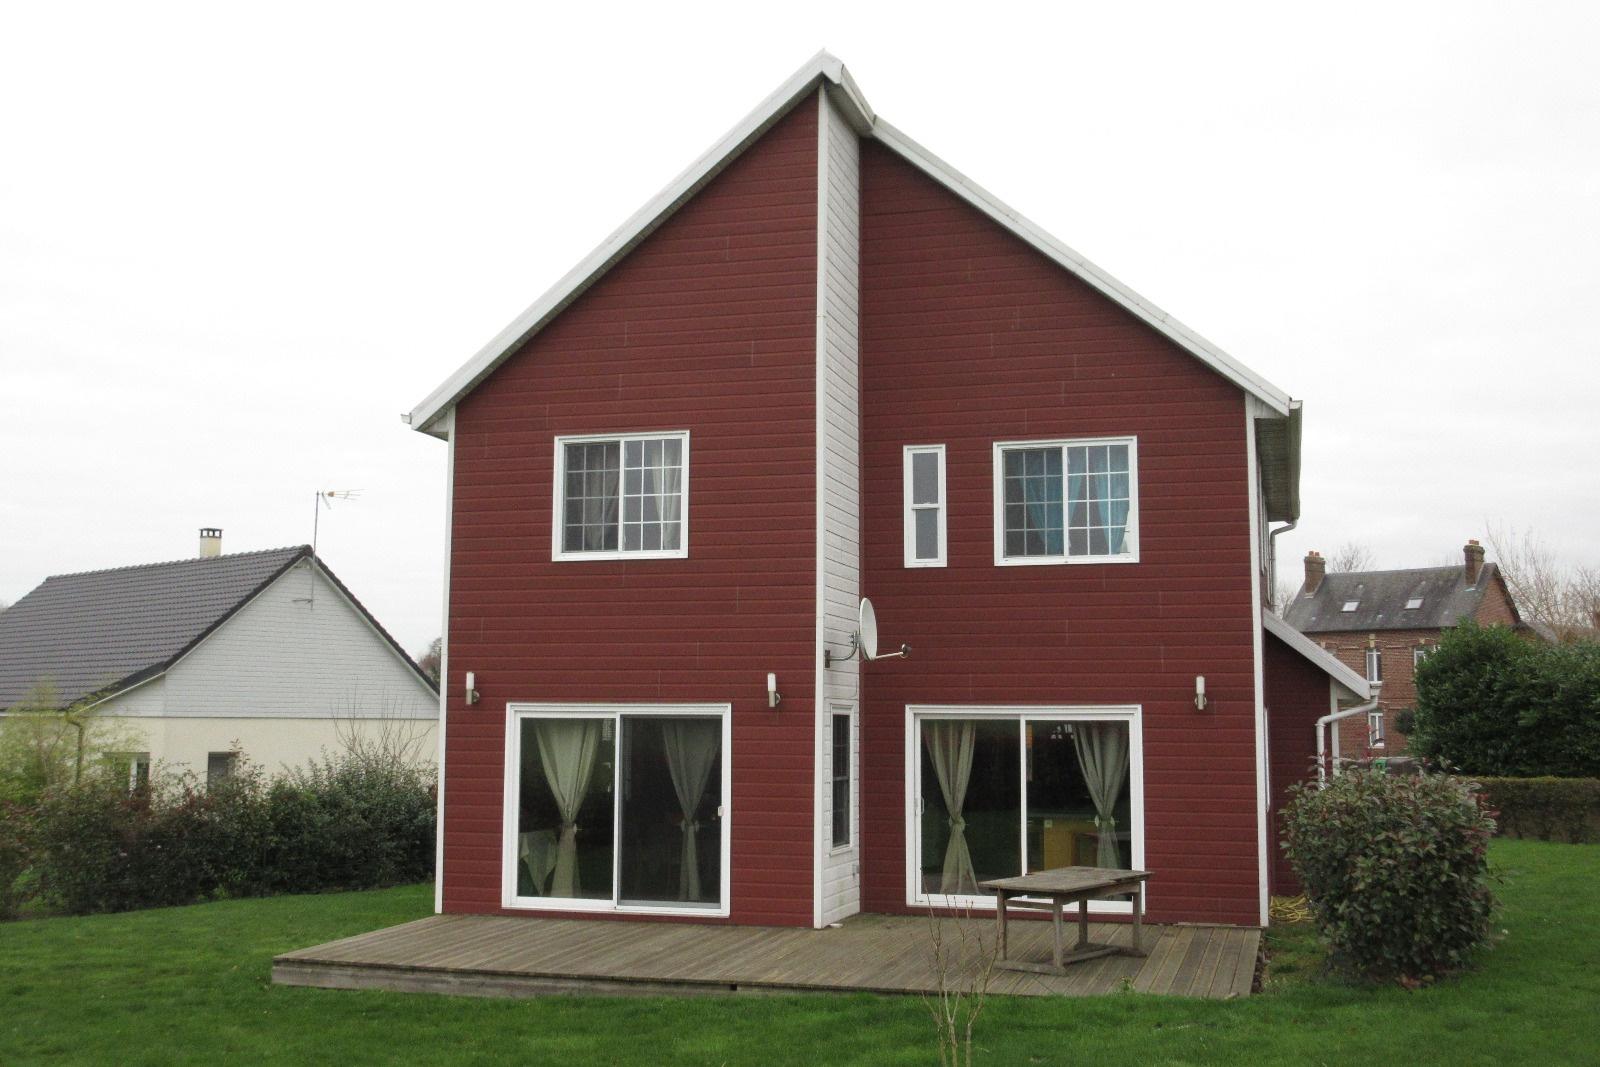 Vente maison ossature bois for L ossature bois